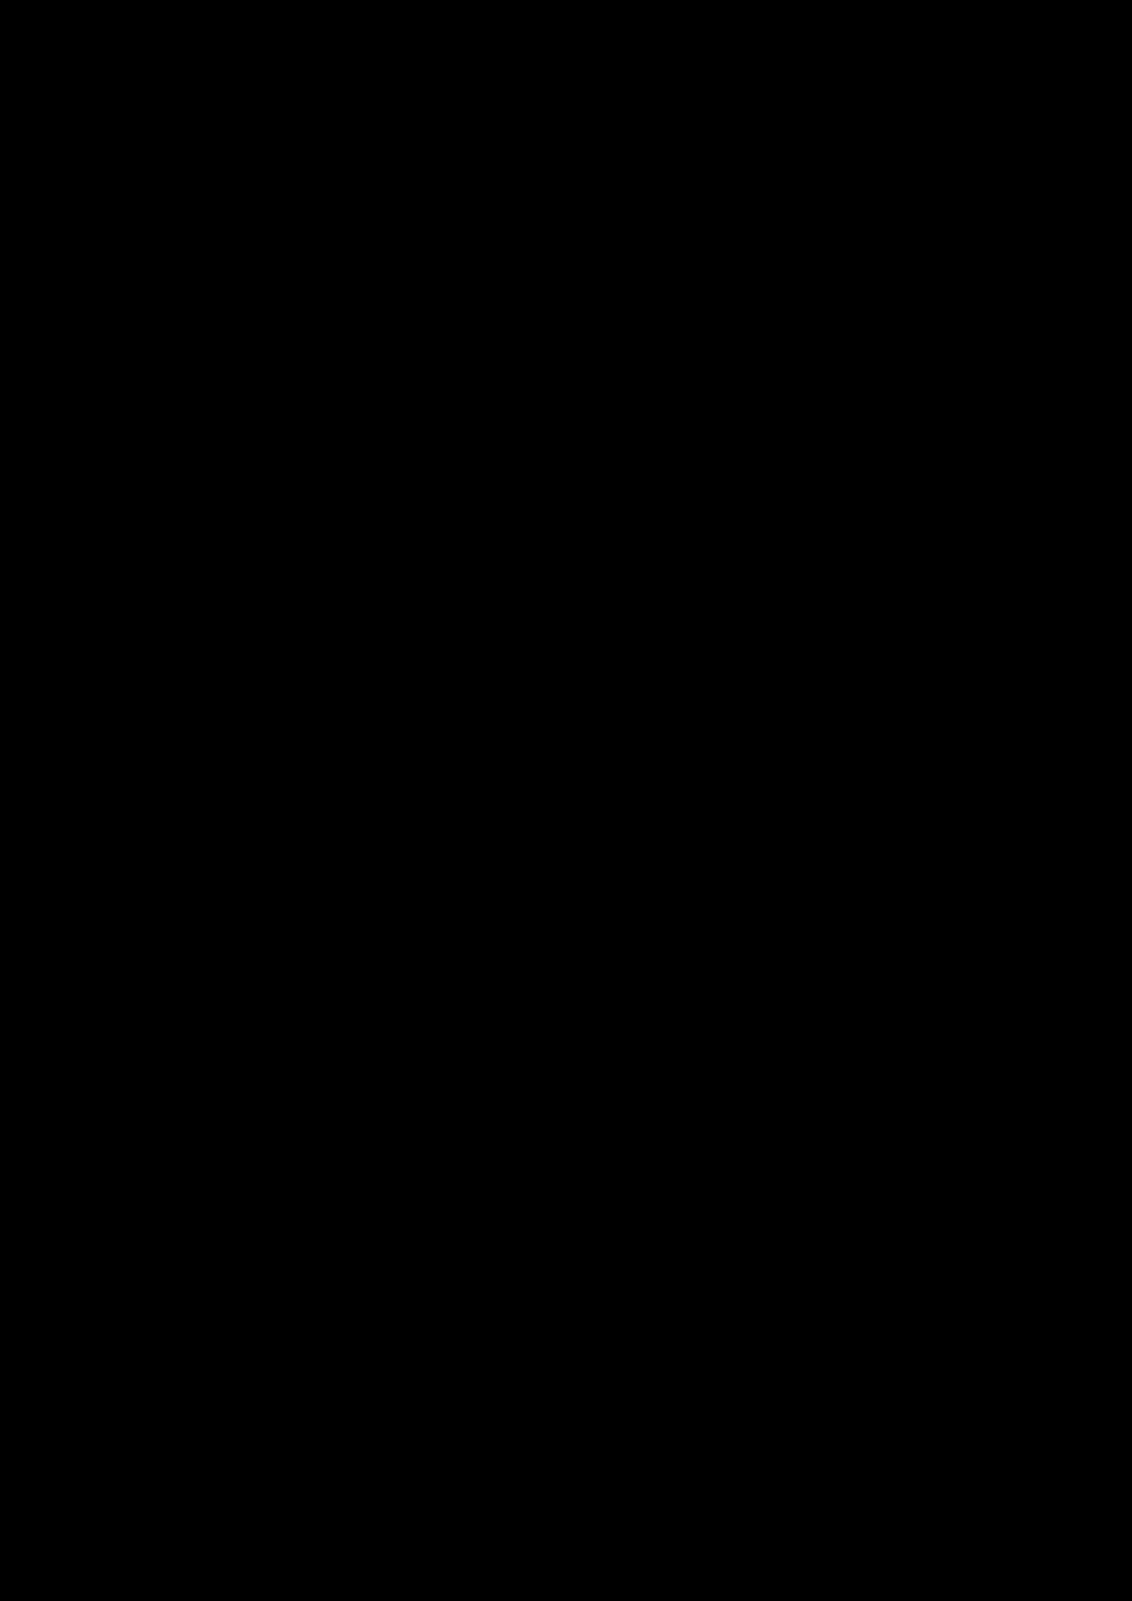 Zagadka volshebnoy stranyi slide, Image 126